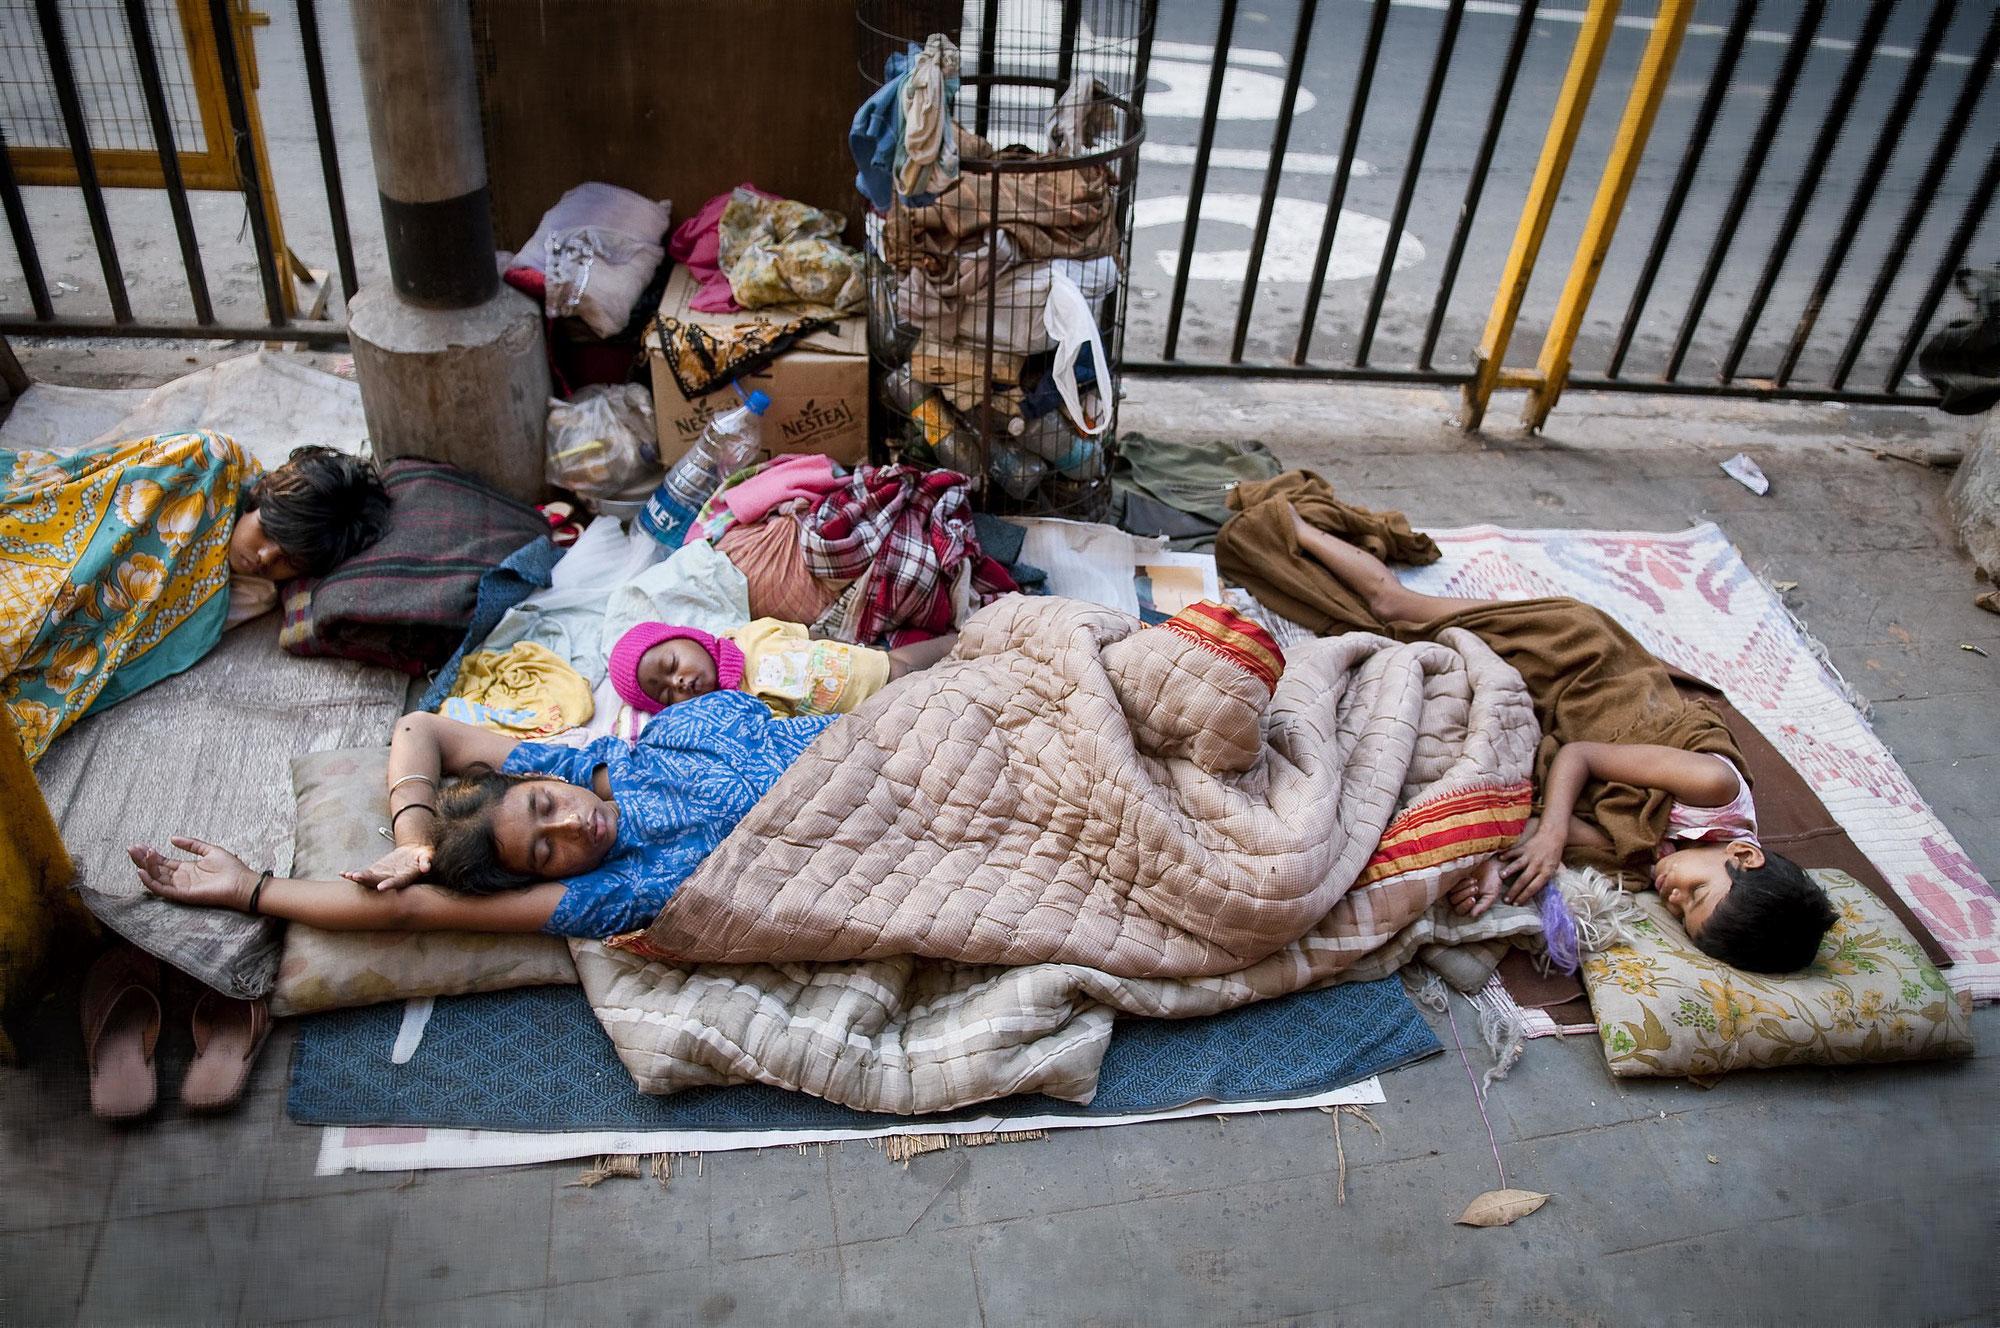 ホームレス「安定した適切な住居がない状態」